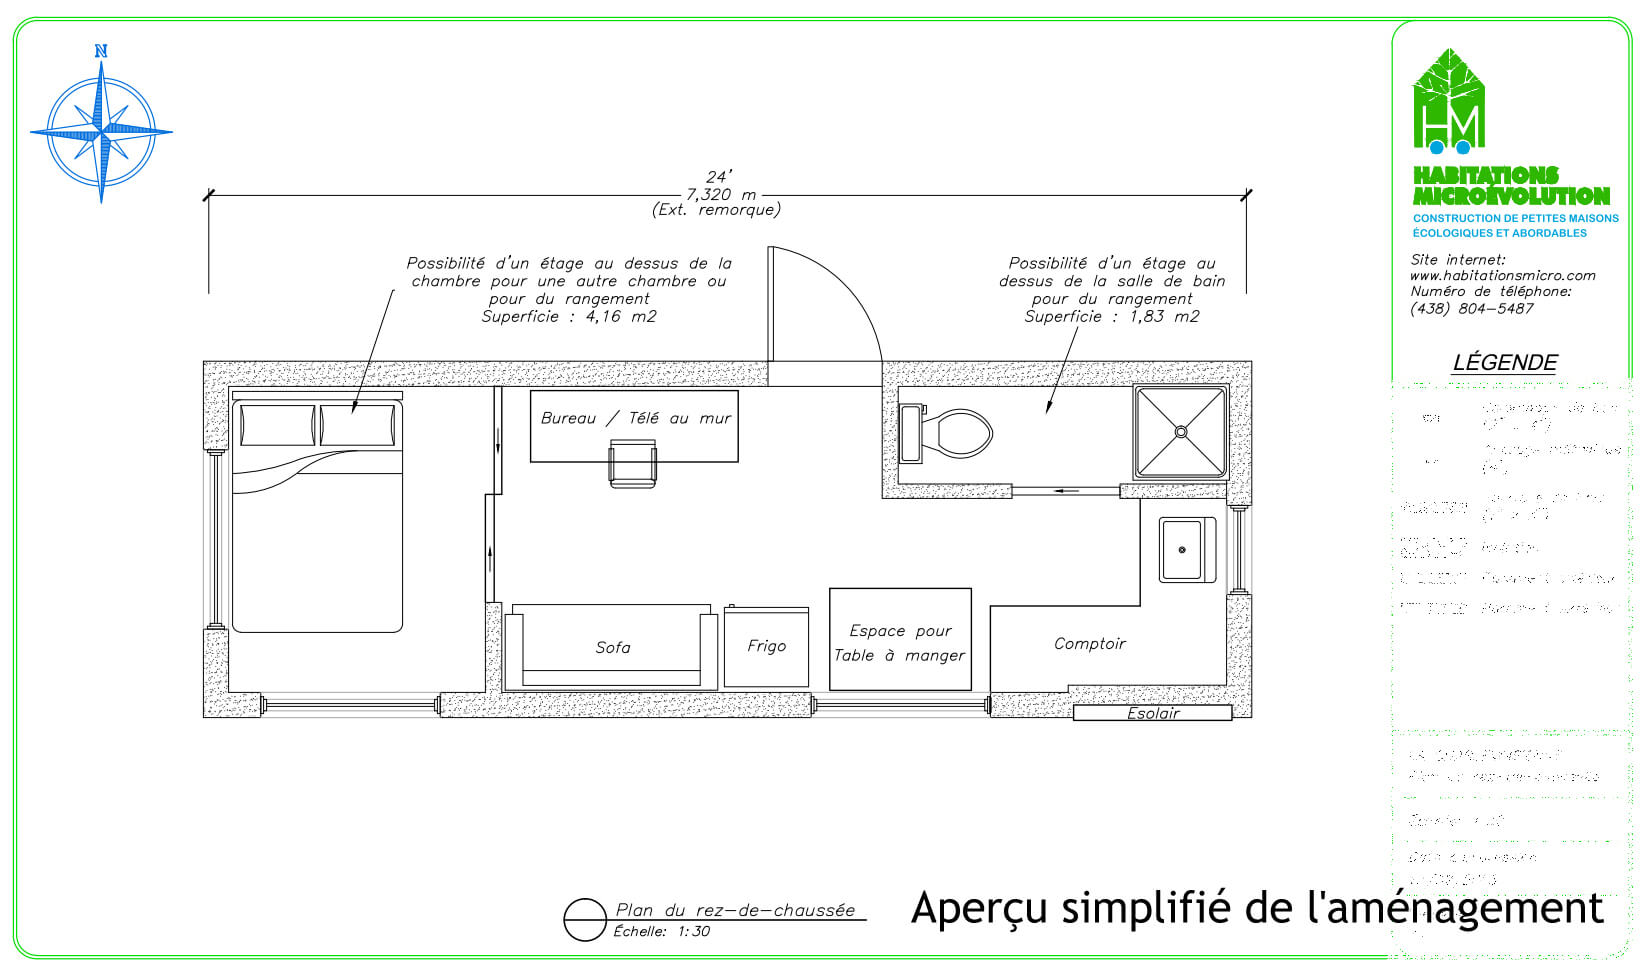 plans de construction 2d version 18 et 24 39. Black Bedroom Furniture Sets. Home Design Ideas